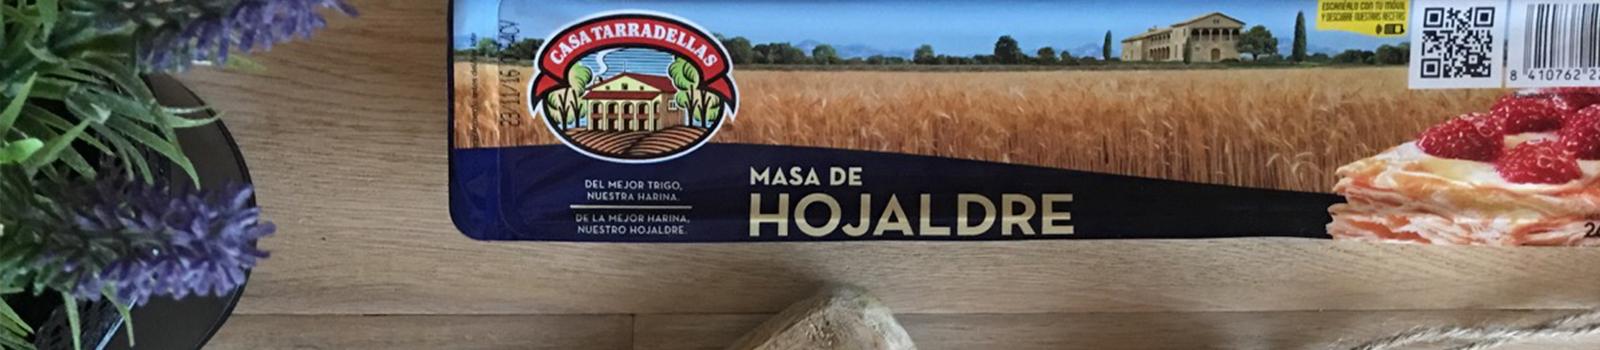 hd-base-hojaldre-casa-tarradellas